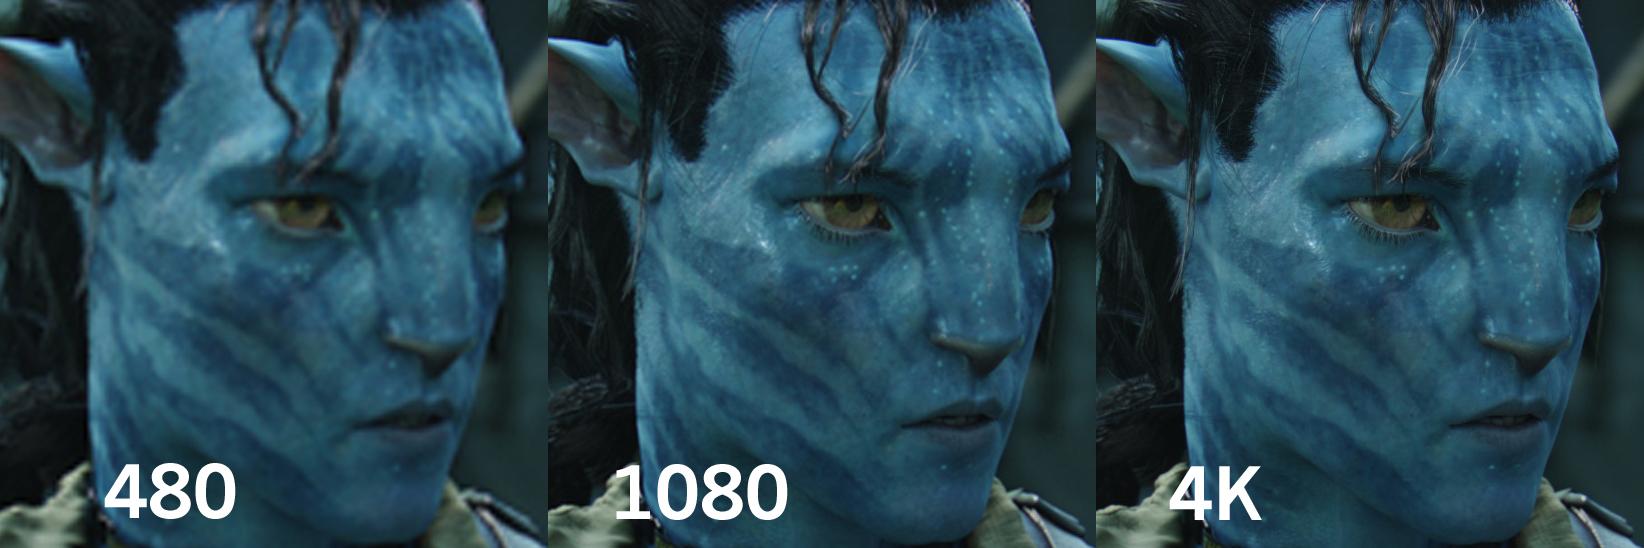 1080p vs 4K Moustache Magazine 1644x548